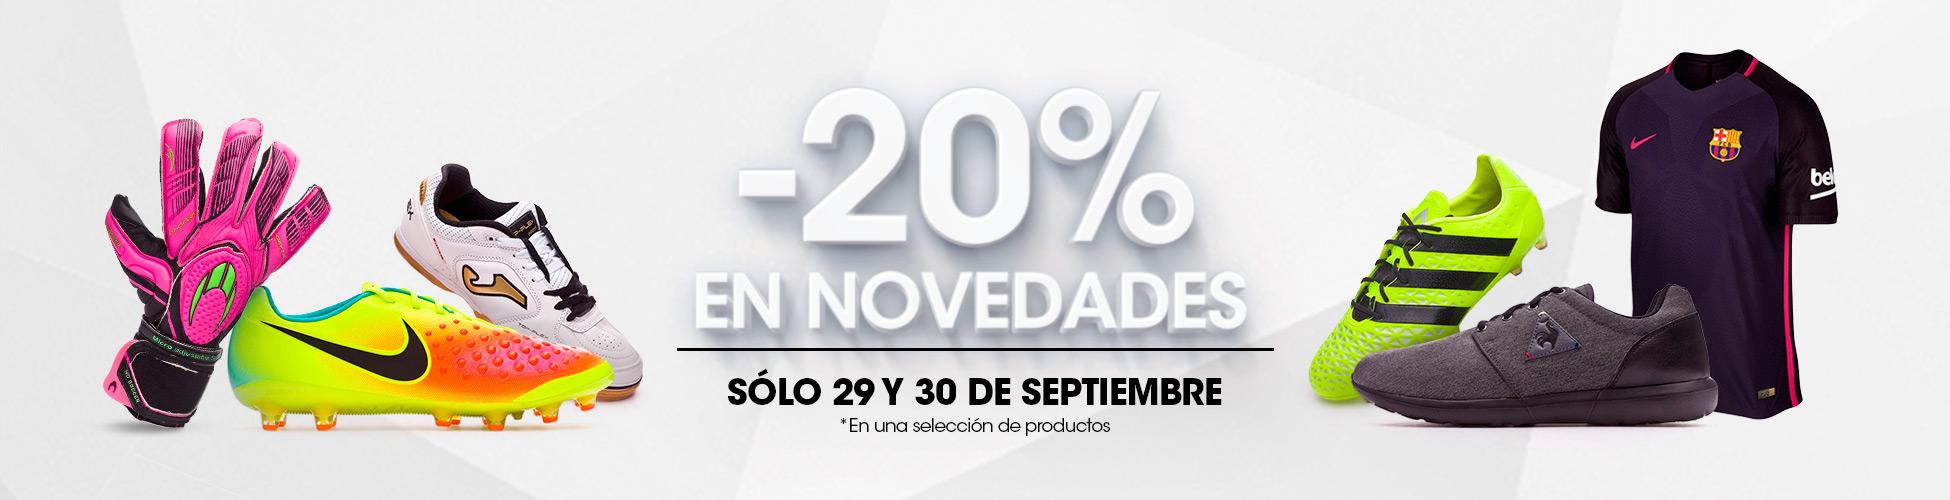 20% Novedades 30/09 ES